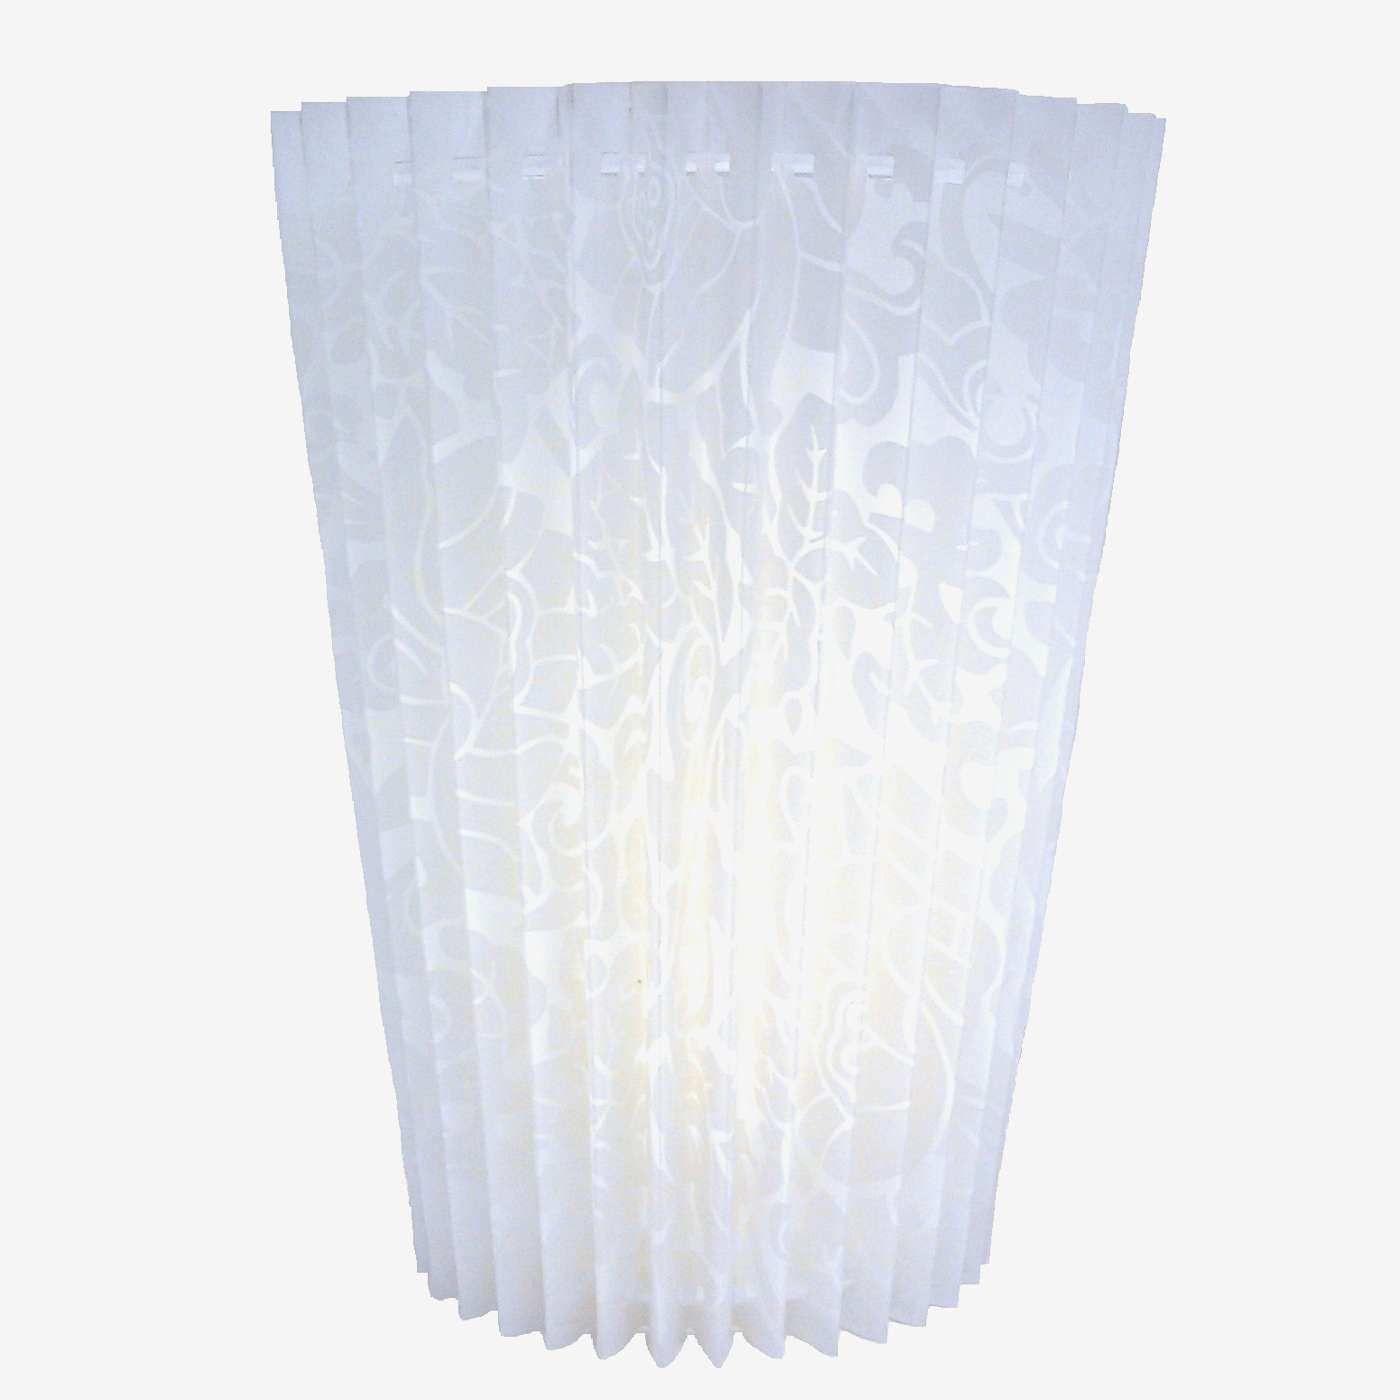 Akku Wandleuchte Beleuchtung Batterie Wandleuchte Beleuchtung Ein Gemutliches Haus Bringt Trost Als Auch Als Erholung Nach E Wandleuchte Beleuchtung Wand